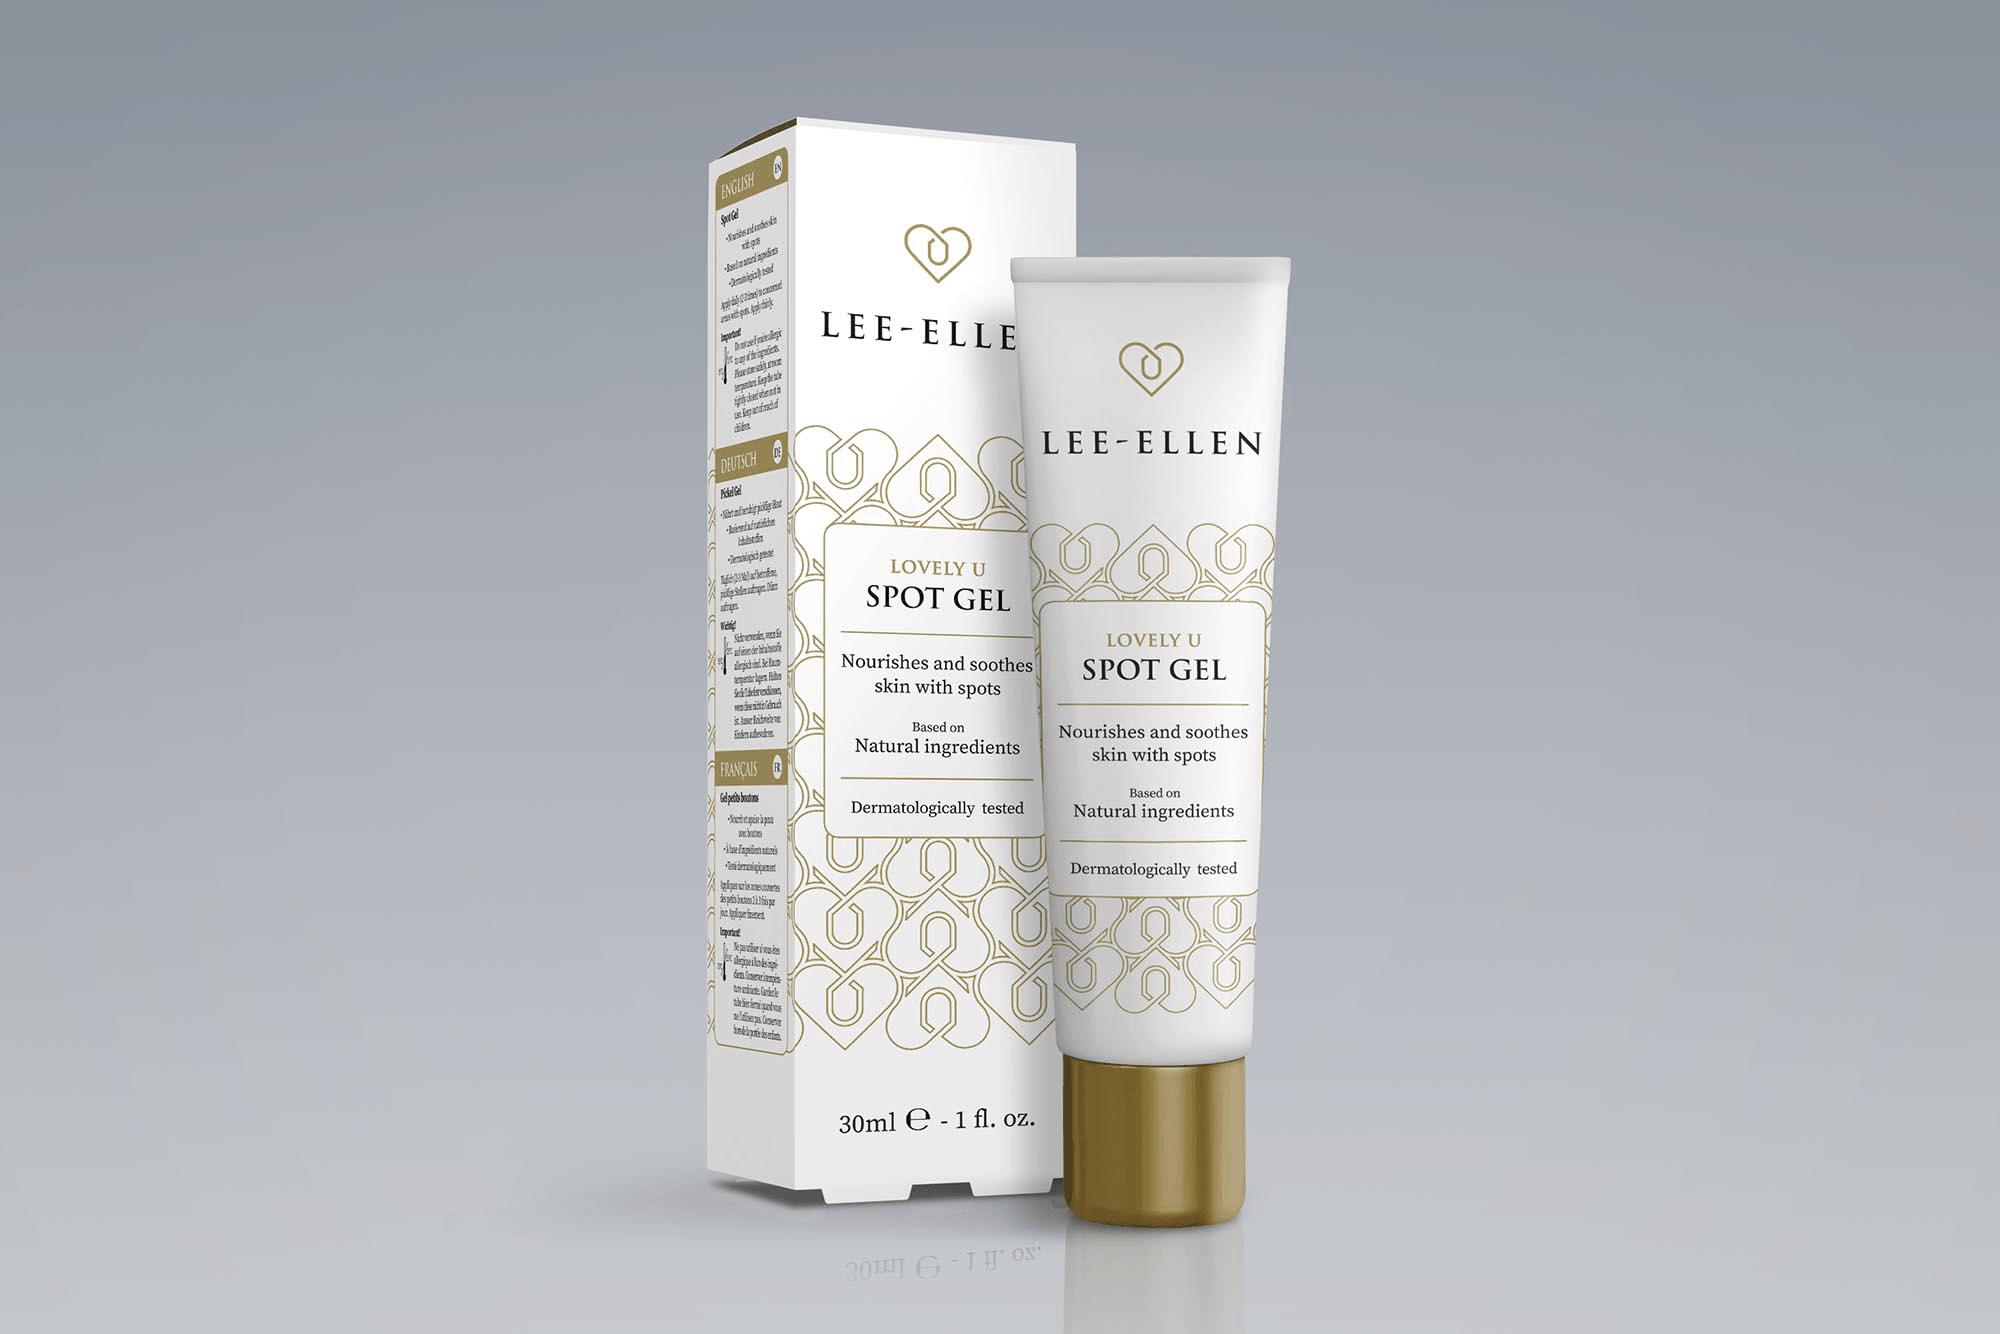 Verpakking Lee-Ellen - Lovely U Spot Gel